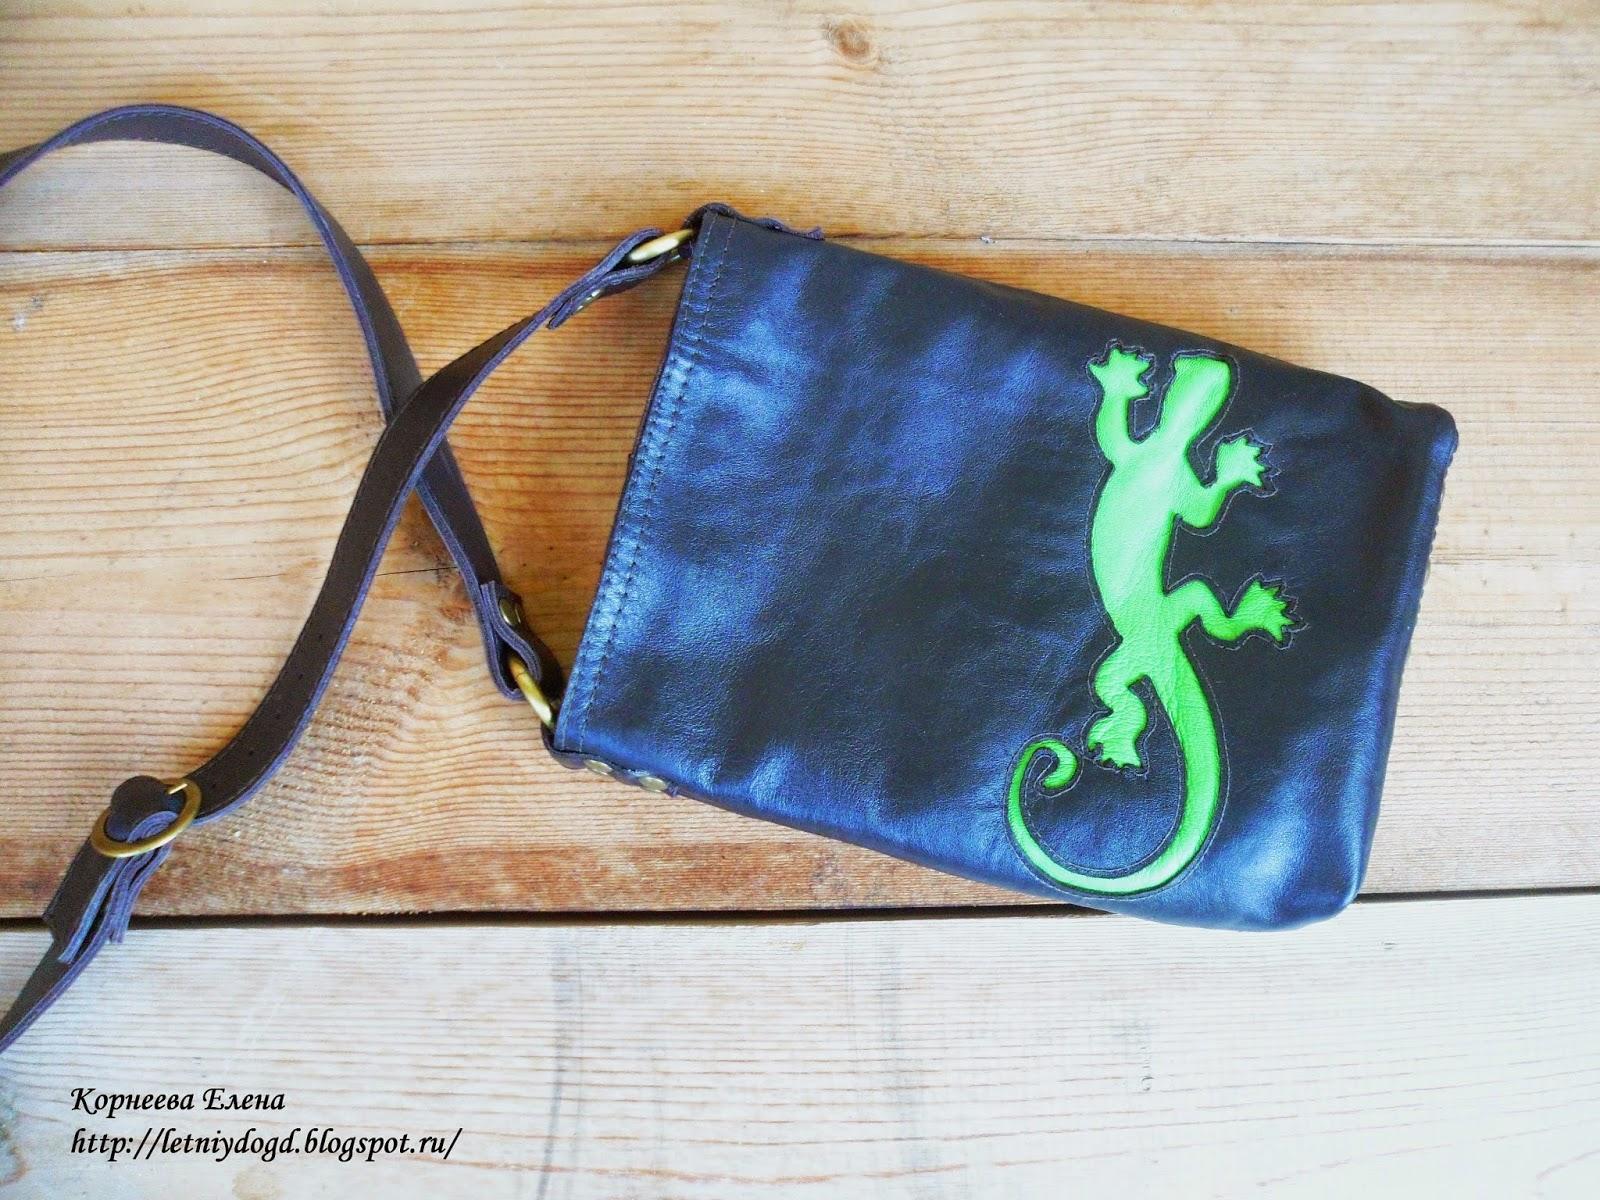 кожаная сумочка для мелочей и документов